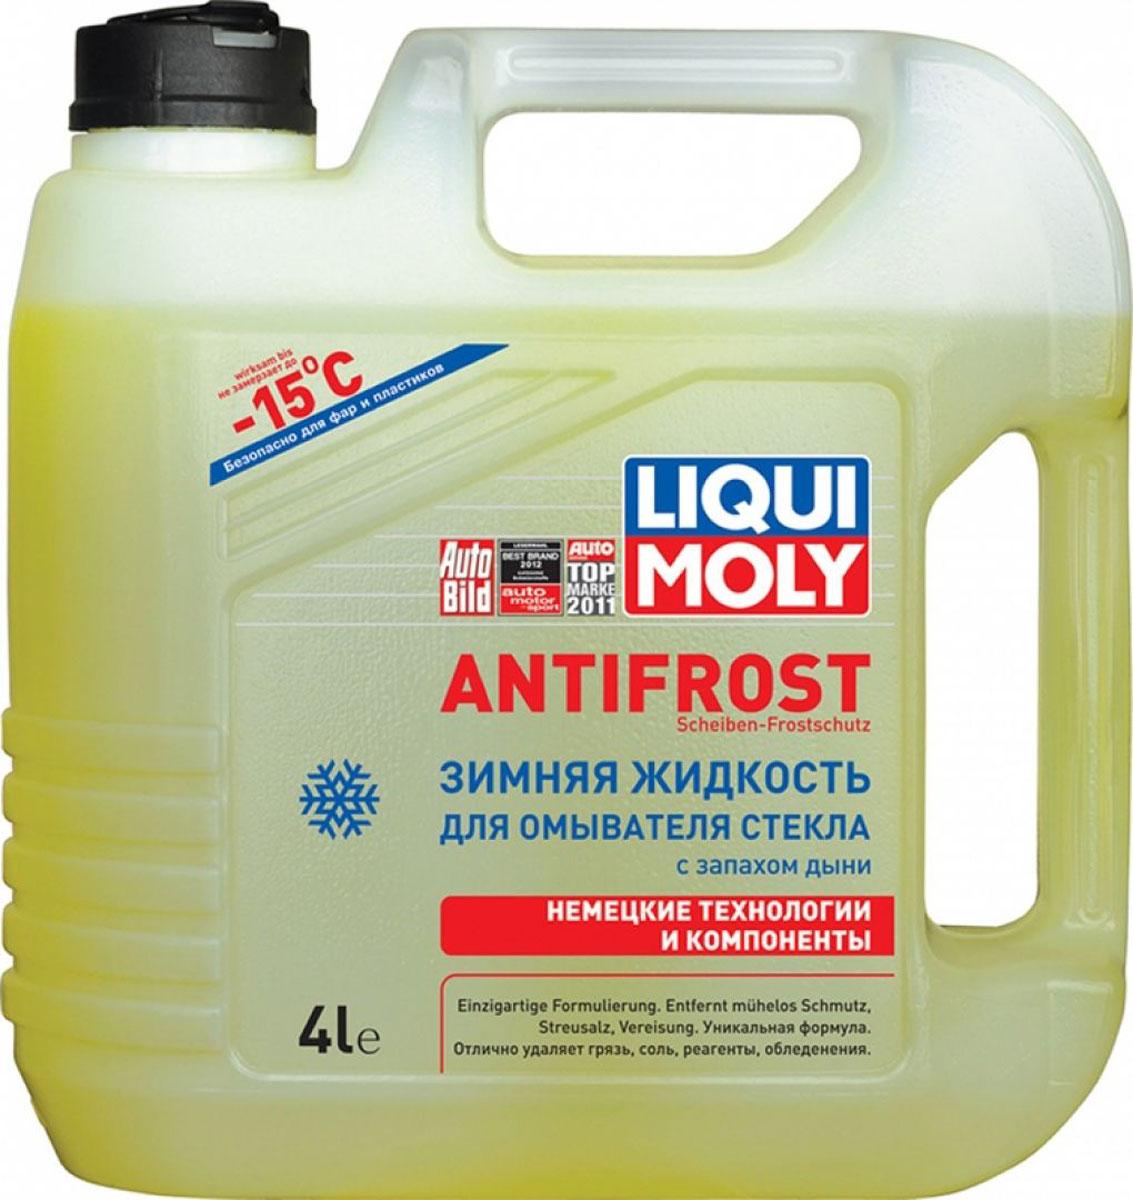 Жидкость для омывателя LiquiMoly Antifrost Scheiben-Frostschutz -15, зимняя, 4 л00649Стеклоомывающая жидкость для использования в зимний период при температуре до -15 °С с ароматом Дыни. Рекомендуется к использованию в начале и конце зимы.